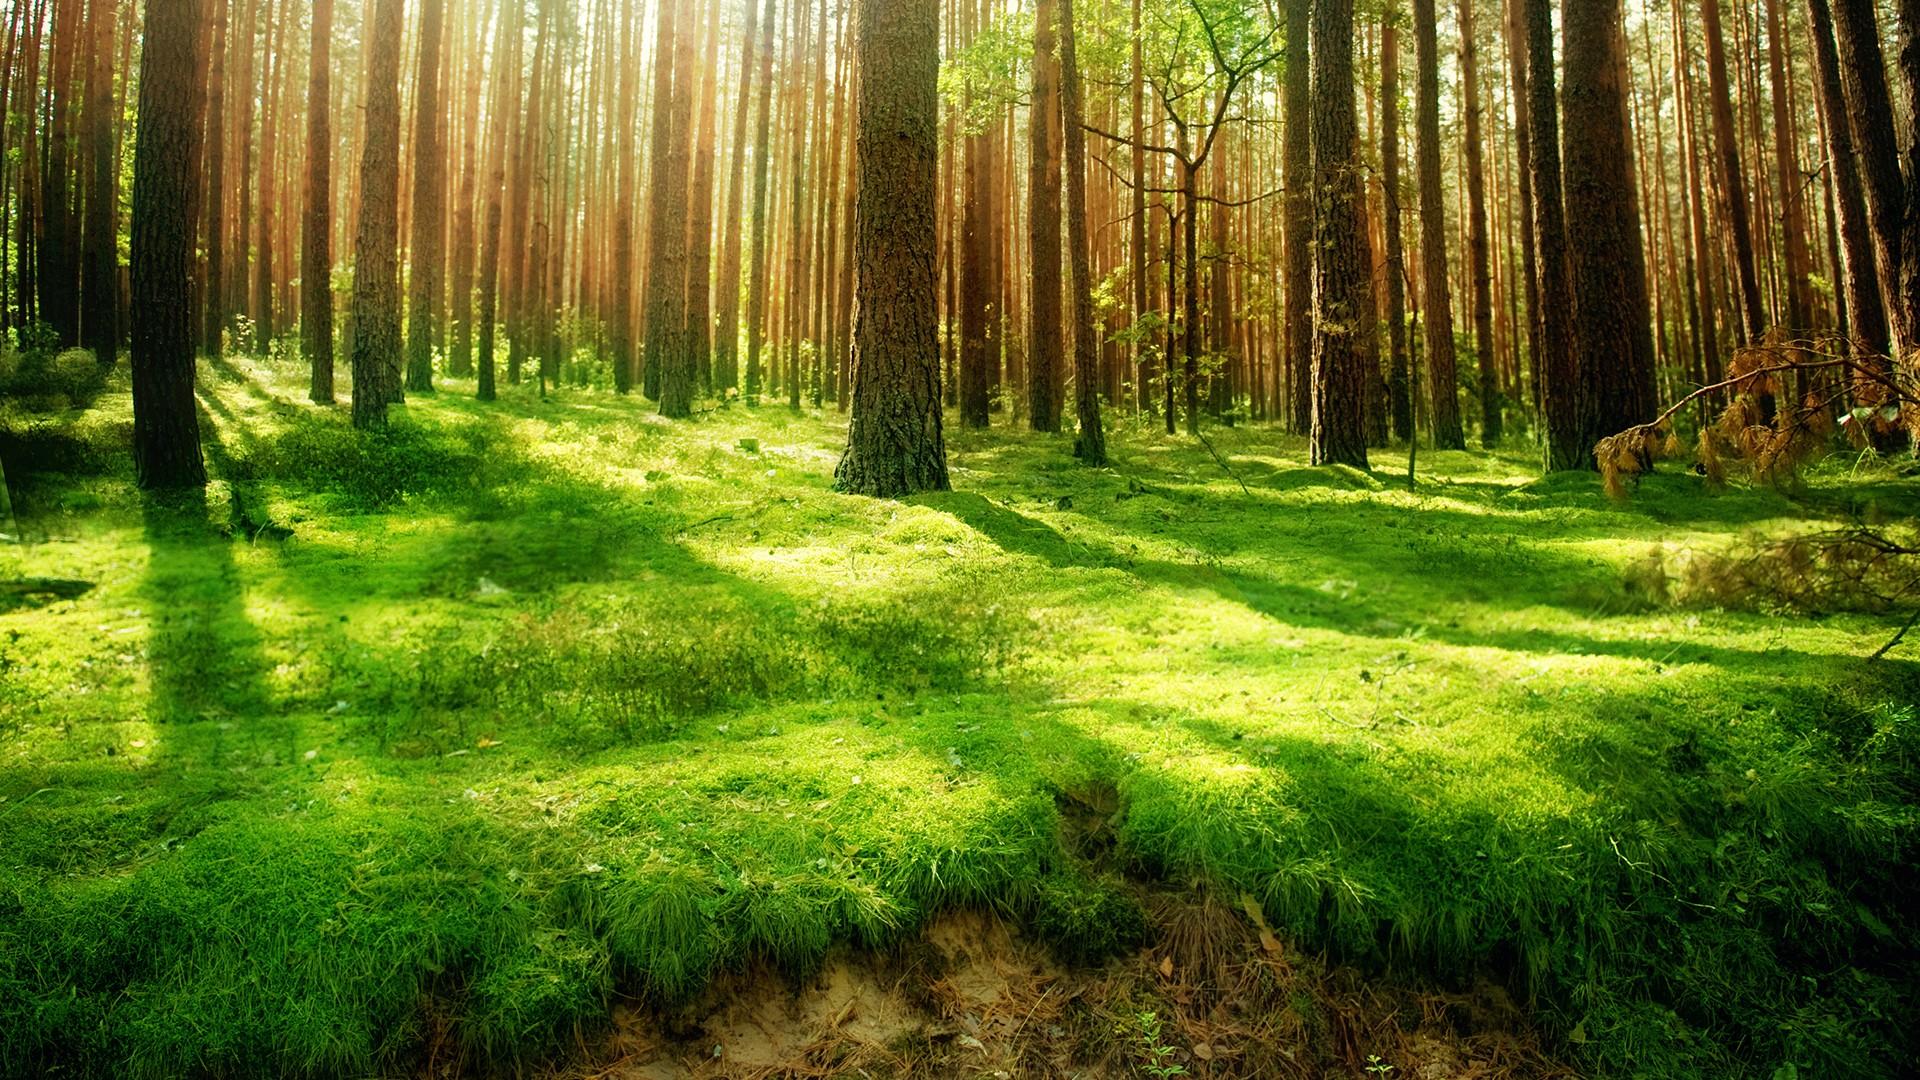 зеленая травка в лесу, скачать фото, деревья, лес